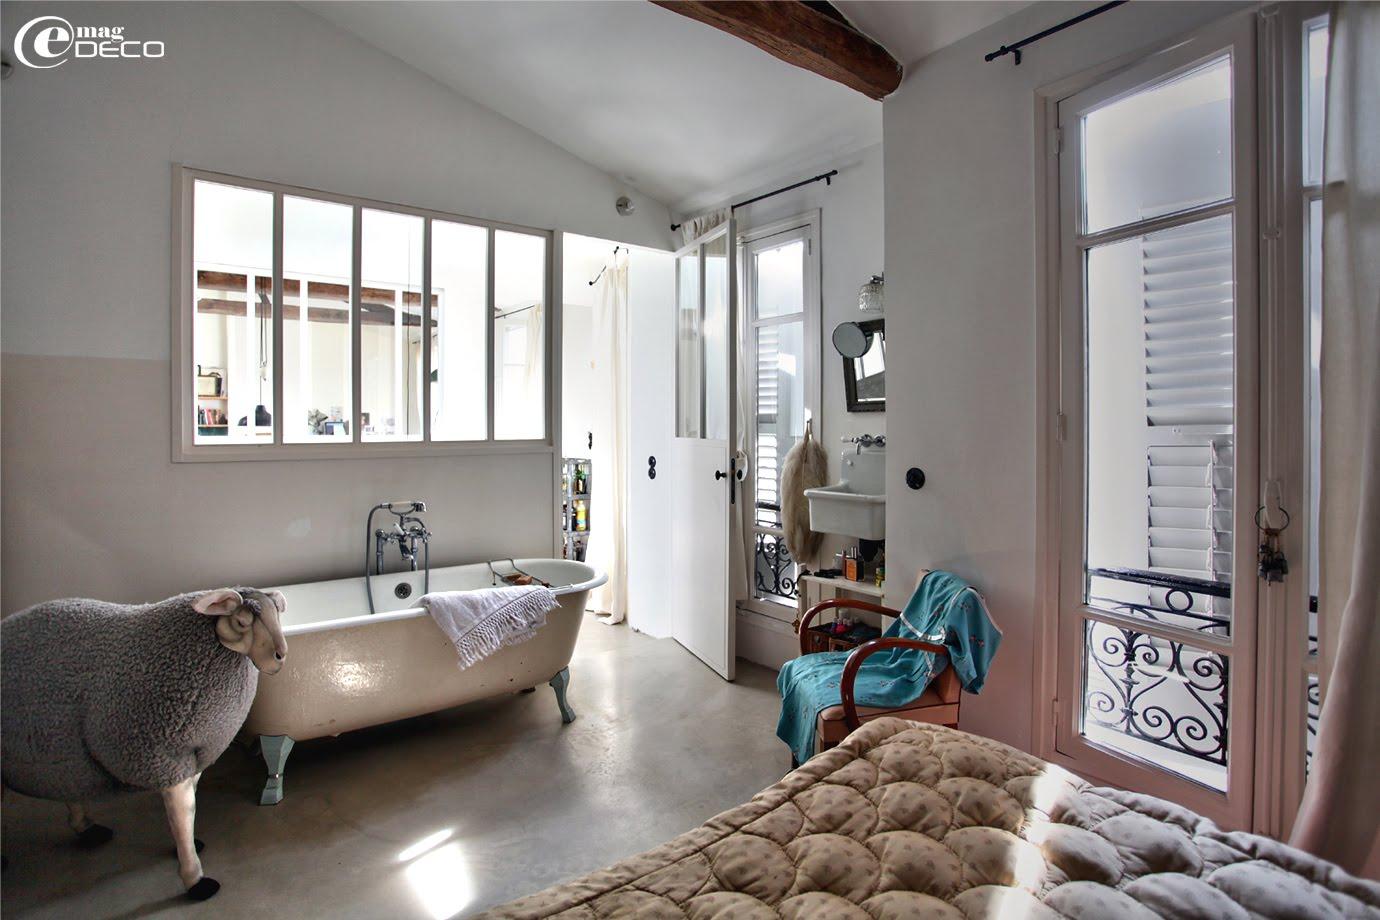 En face du lit, l'architecte d'intérieur Agathe Perroy met en scène une baignoire en fonte chinée